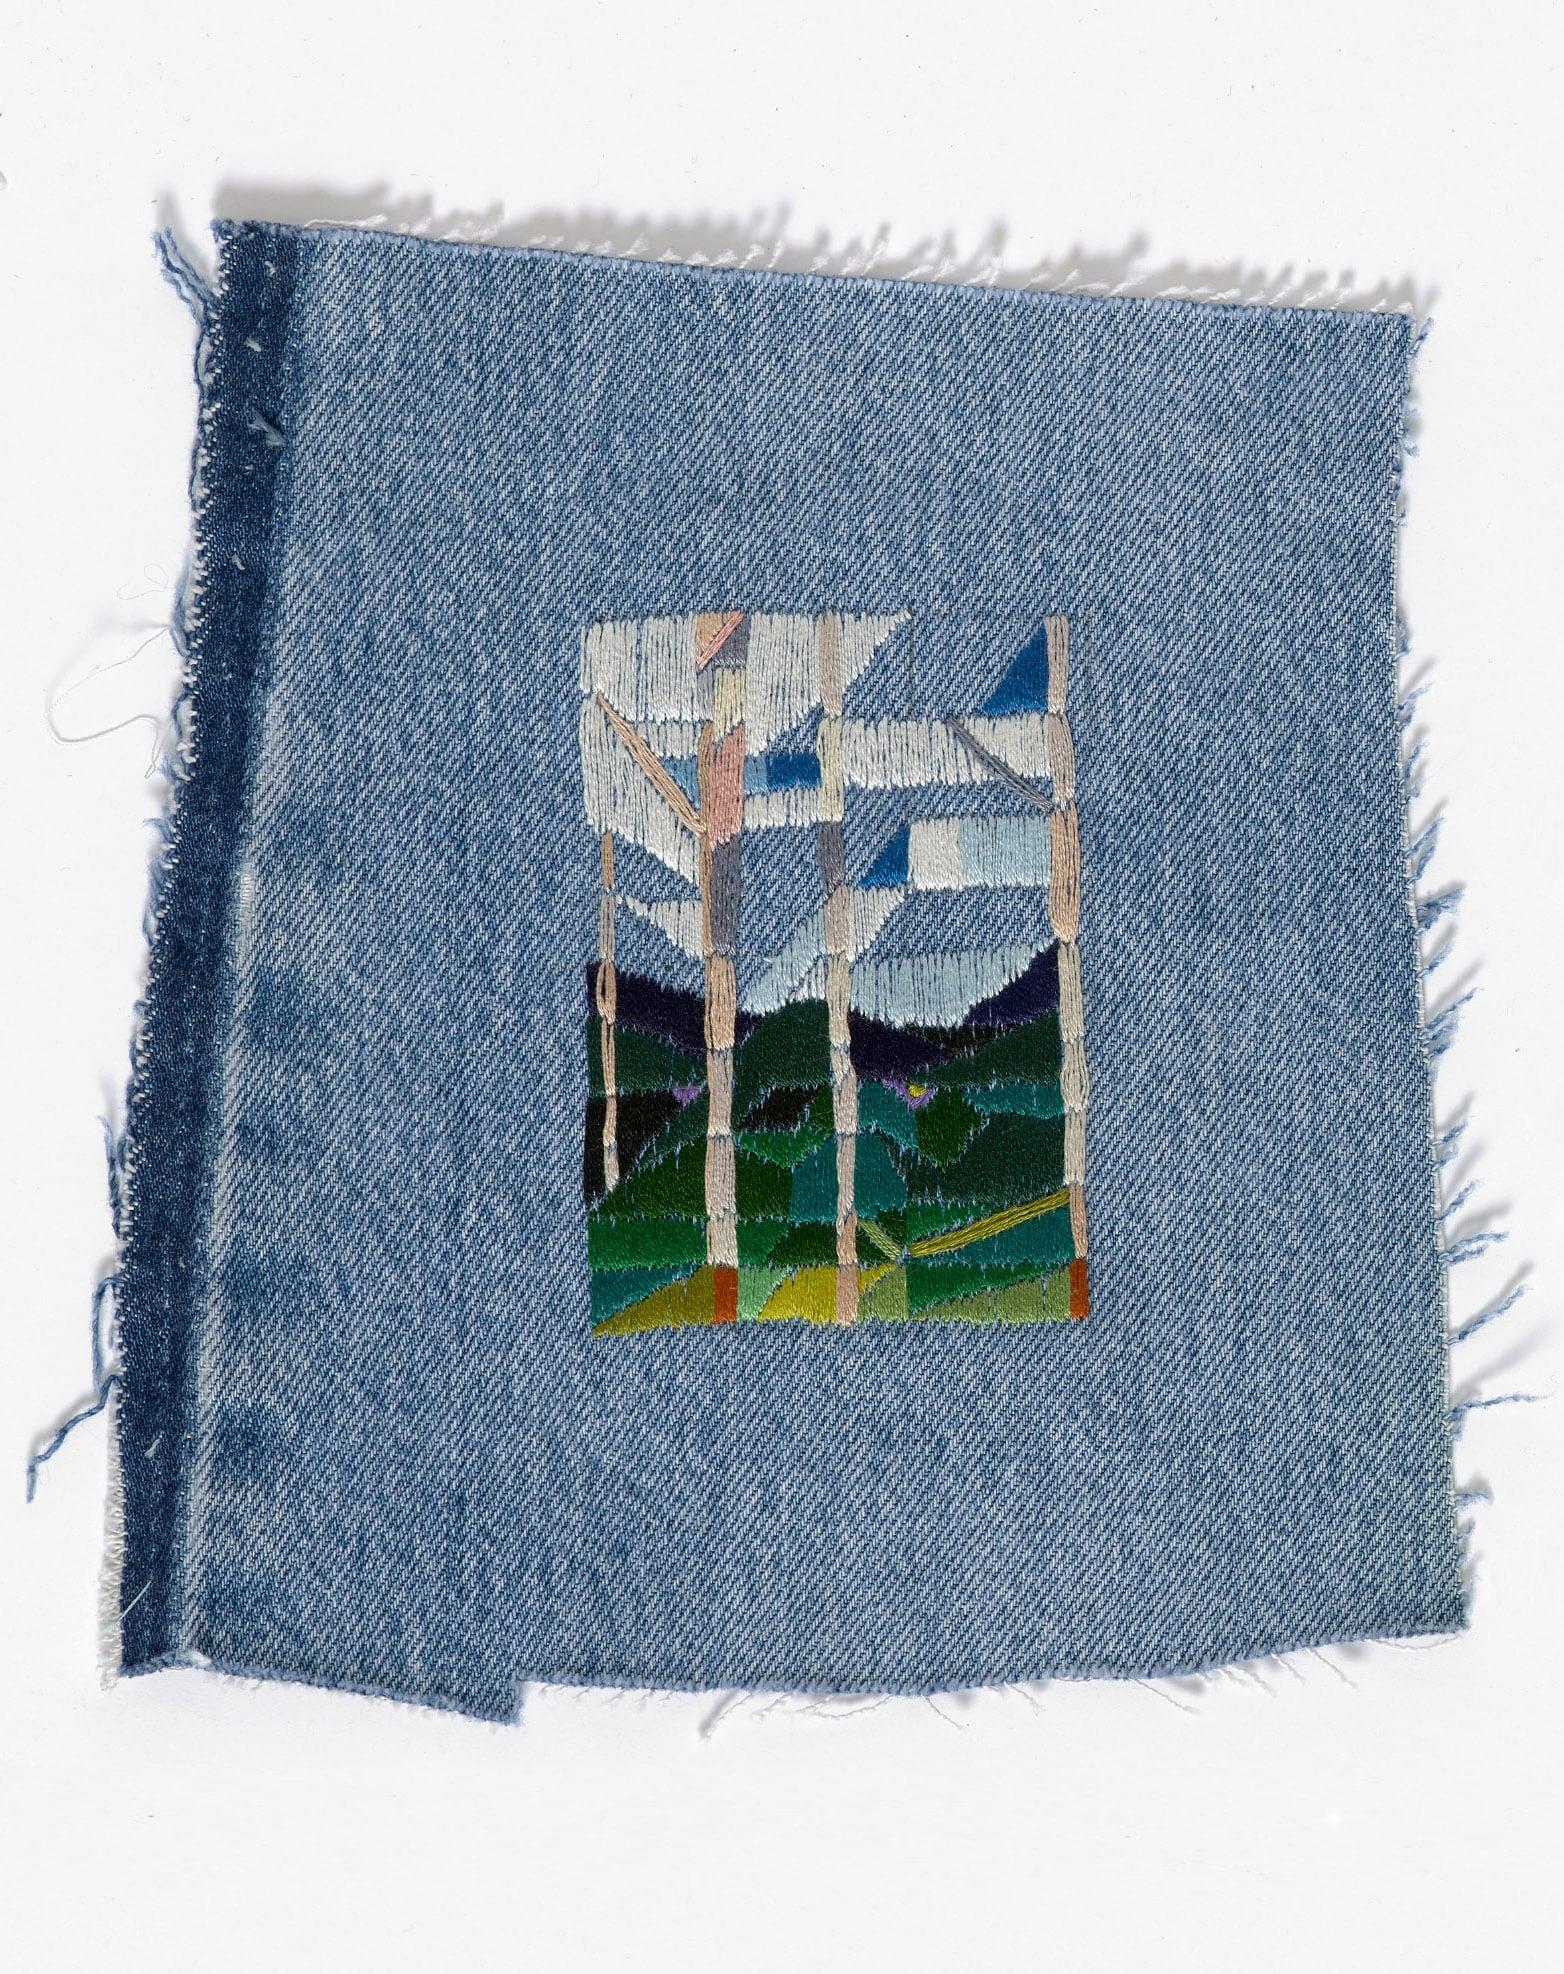 Return to the farm II  2015 Cotton thread on denim 18 x 20.5cm